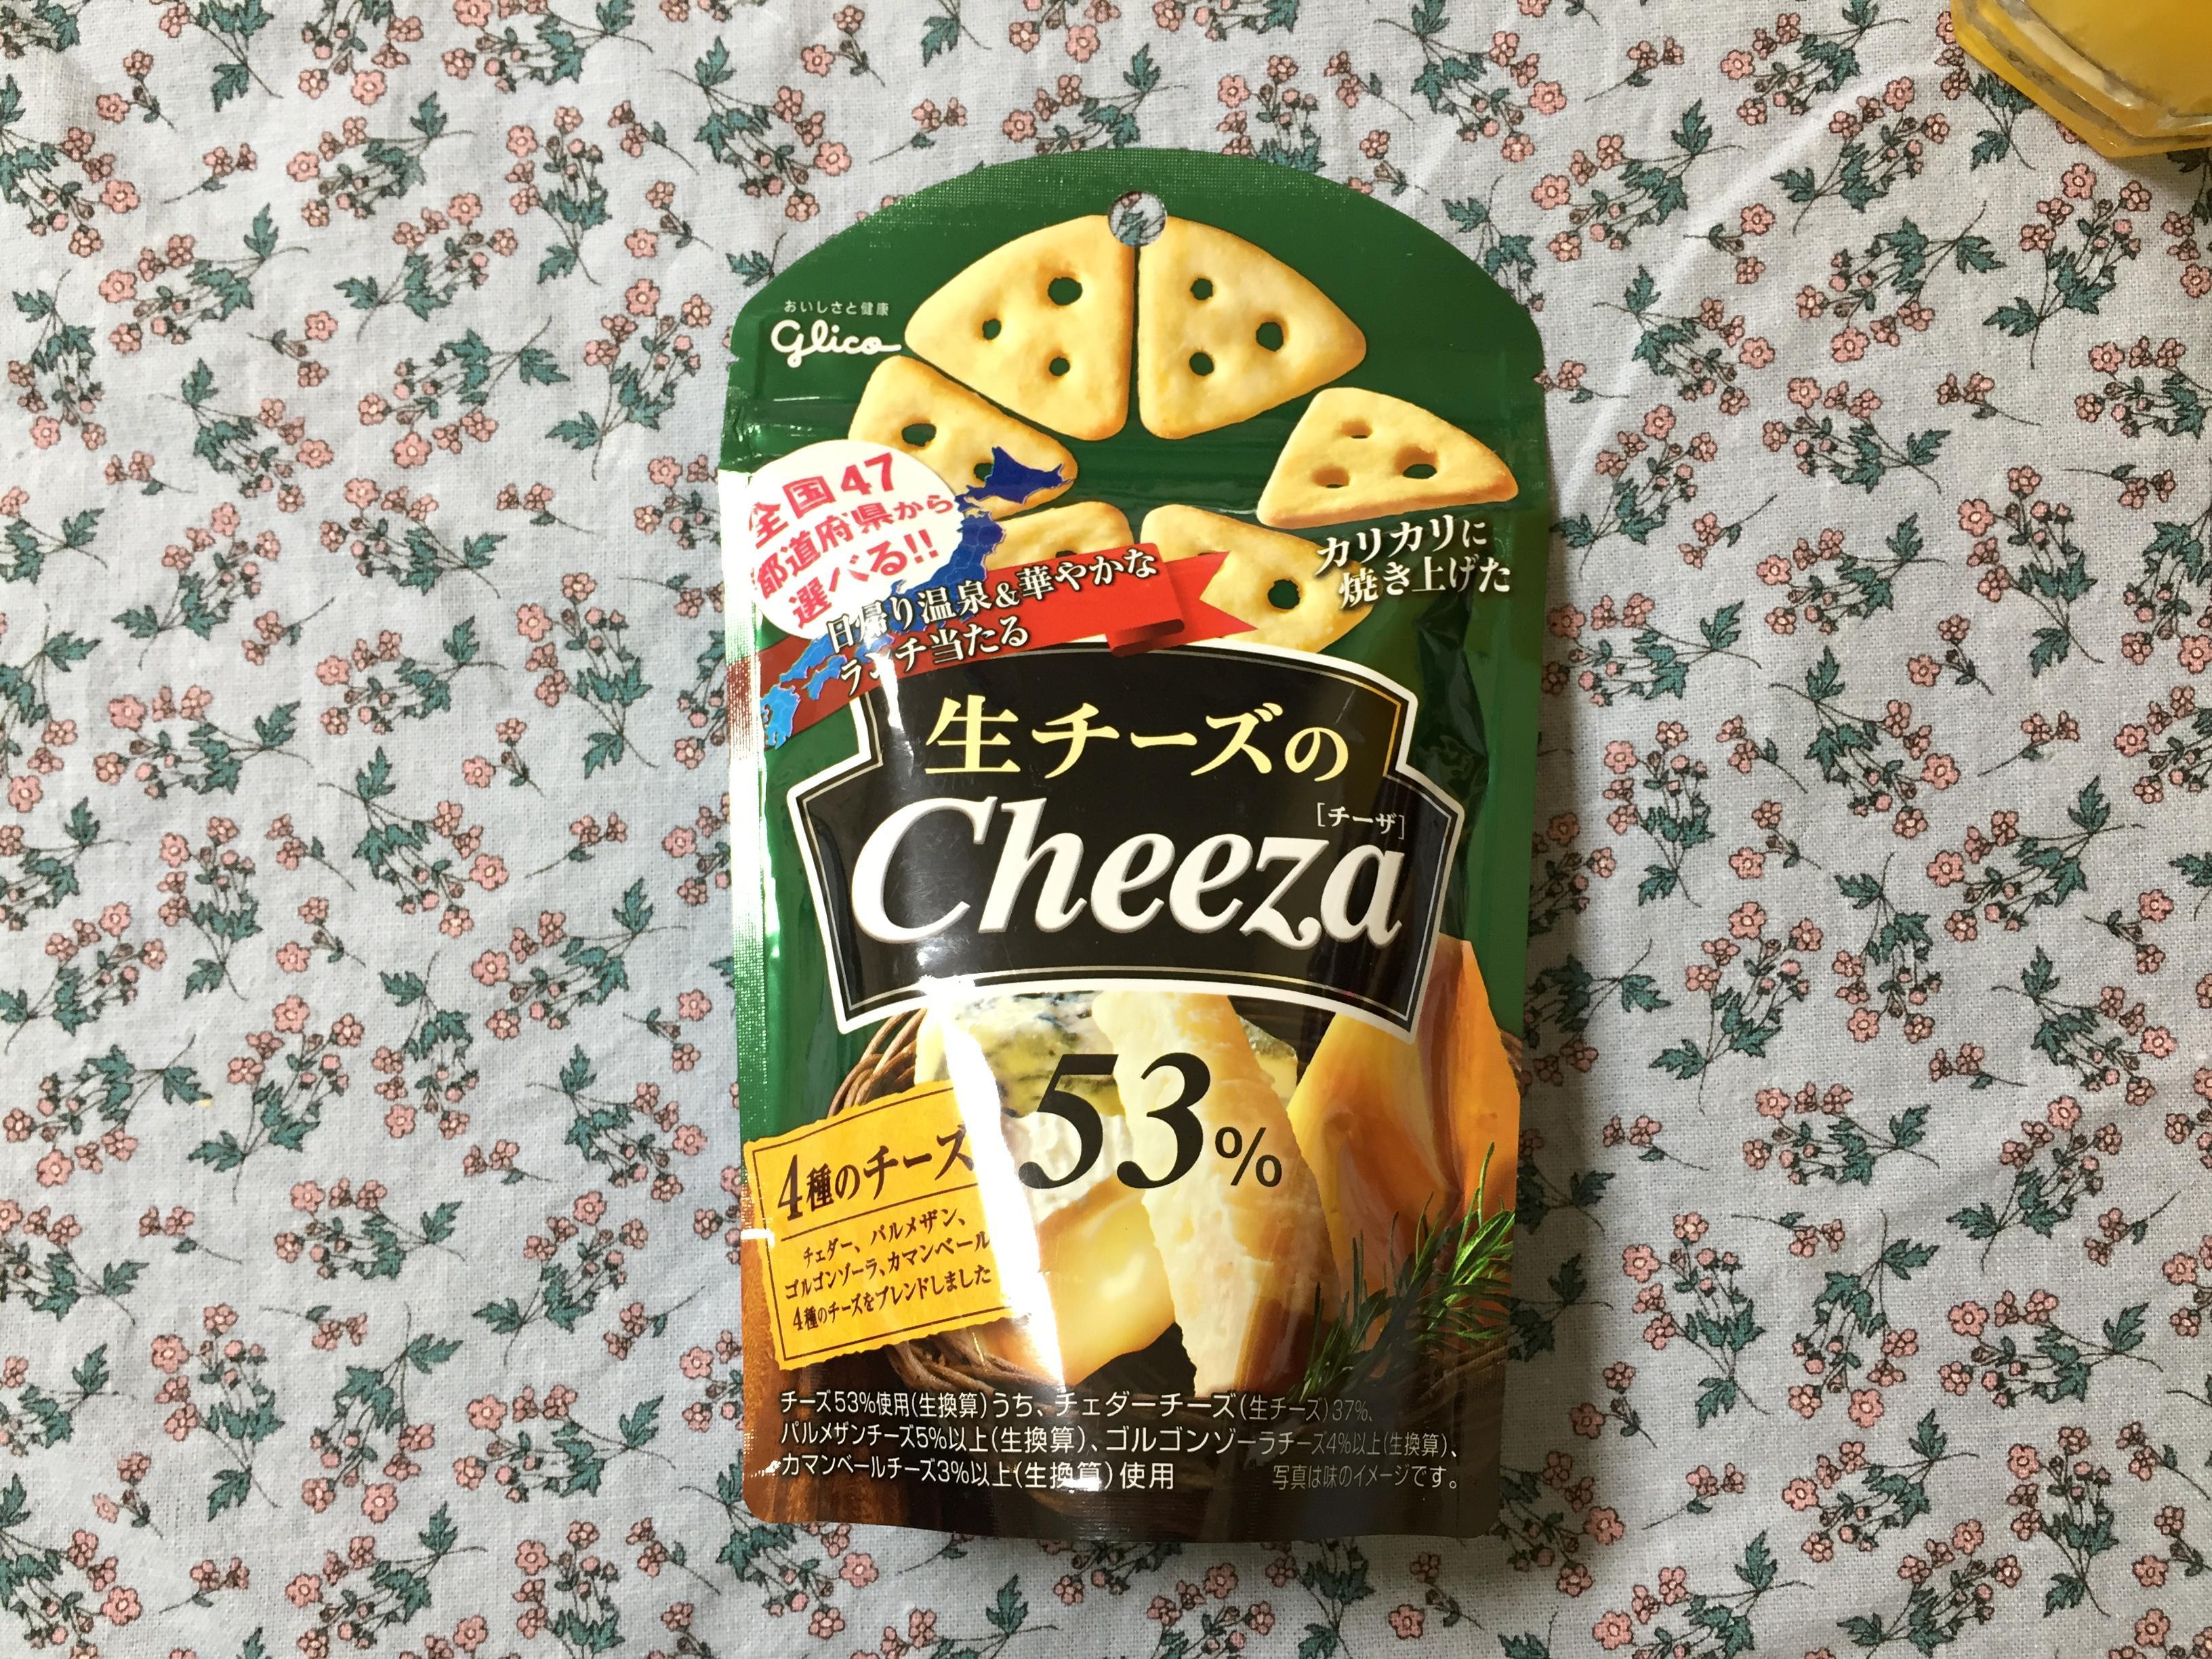 고소하고 짭조롬한 치즈의 맛, [glico]生チー..